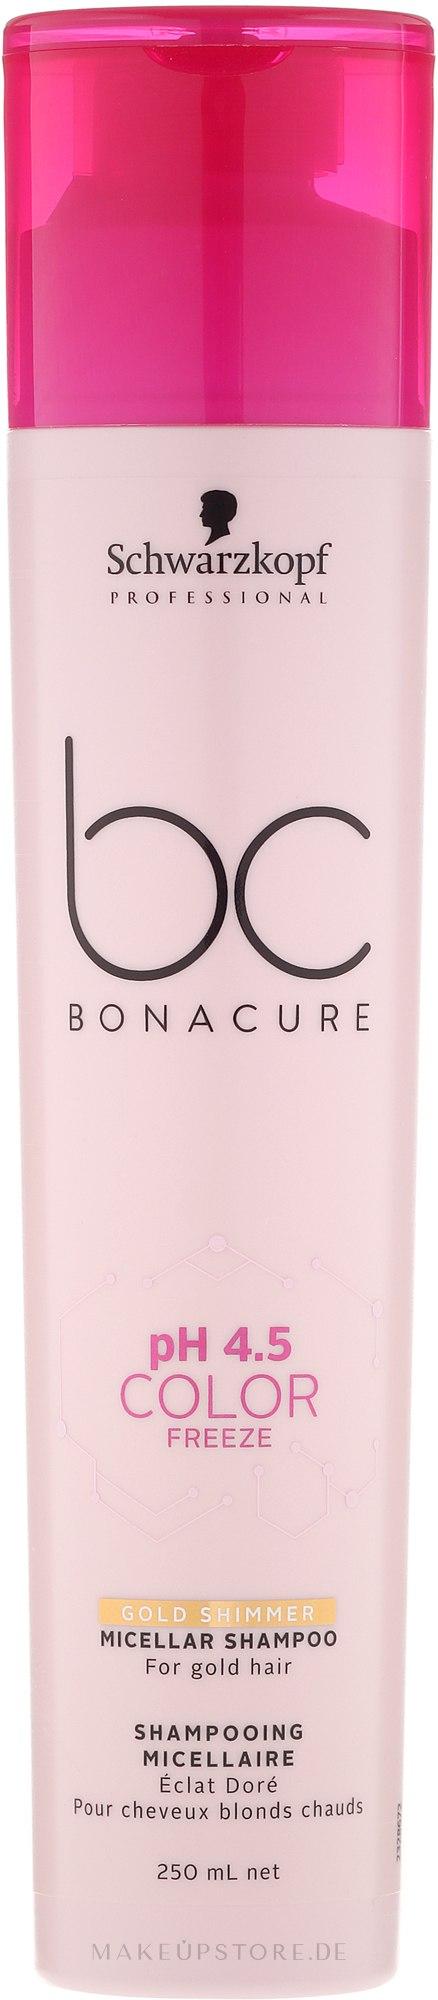 Sanftes, pigmentiertes Shampoo für warme Blondtöne - Schwarzkopf Professional Bonacure Color Freeze Gold Shimmer Micellar Shampoo — Bild 250 ml